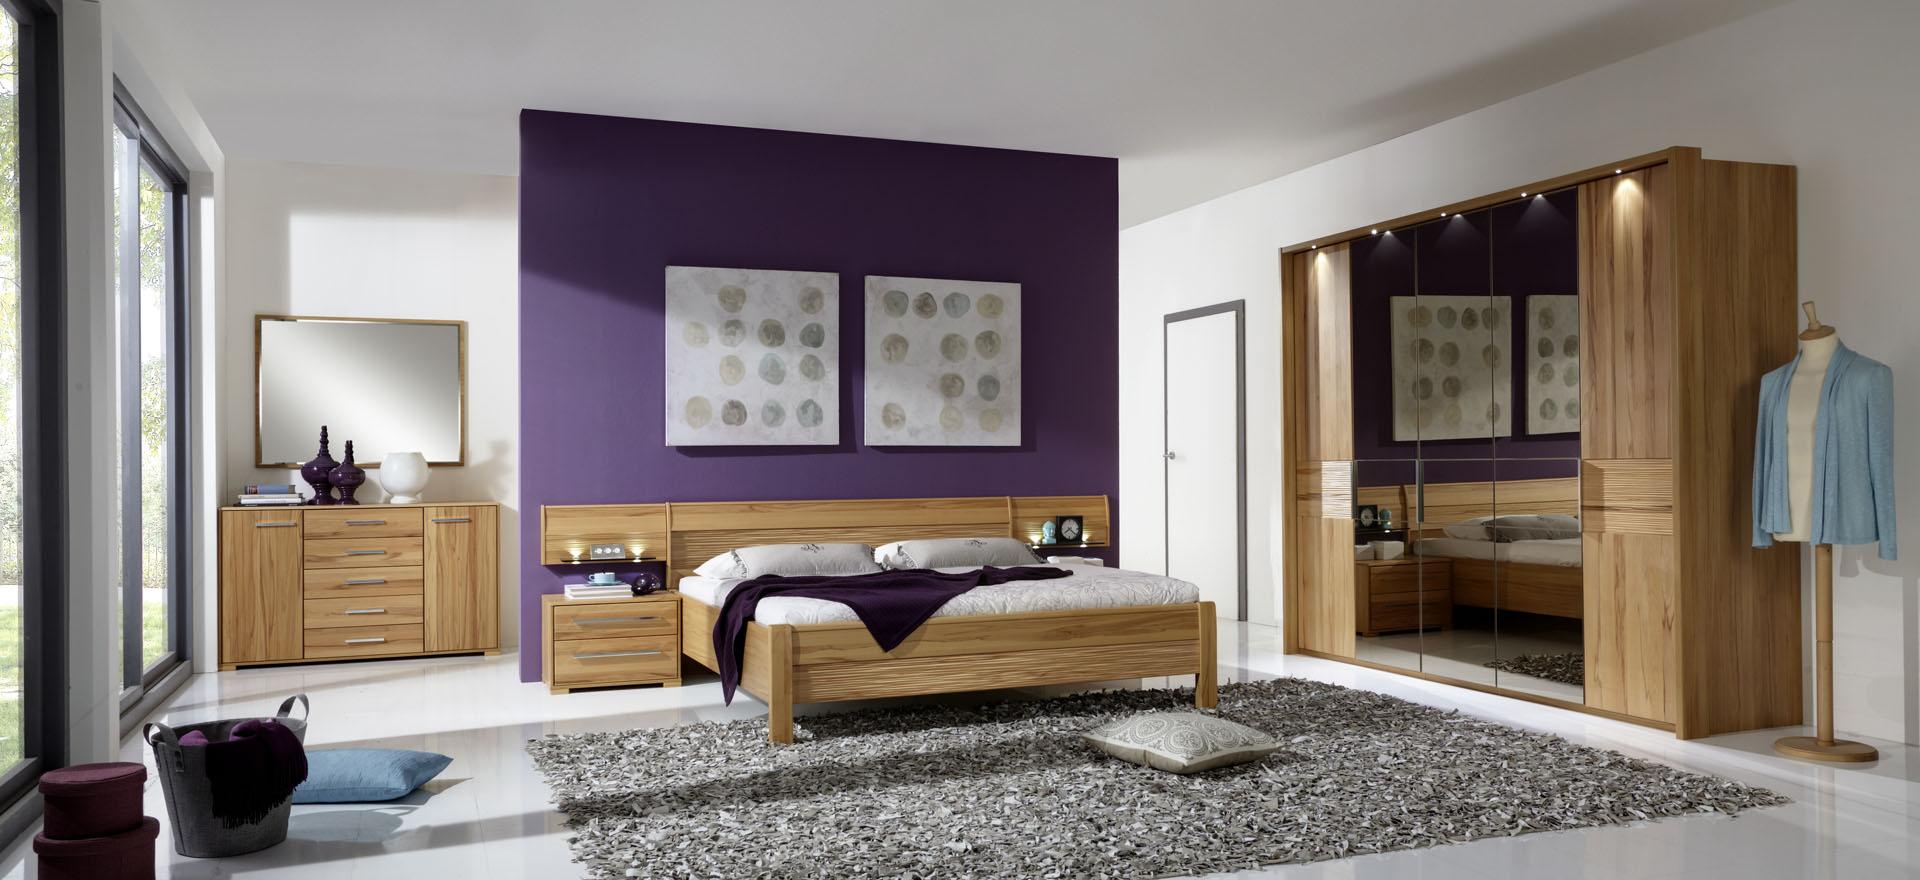 Große Auswahl an Schlafzimmermöbeln